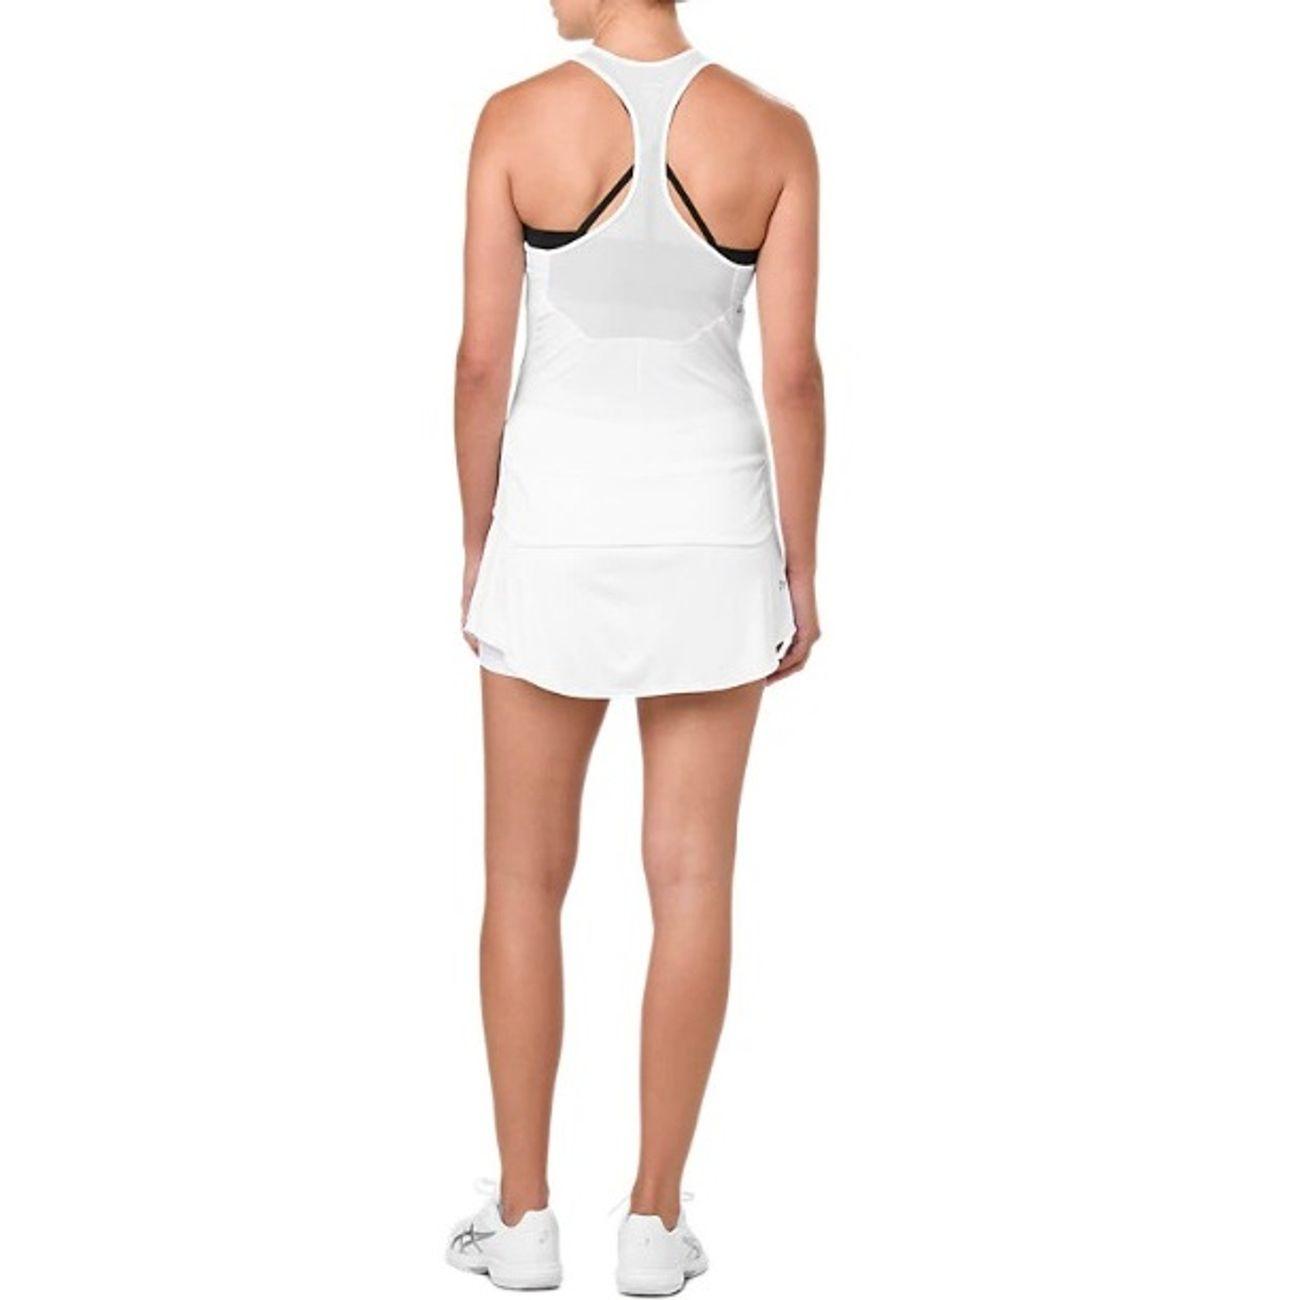 Tennis femme ASICS Skort femme Asics Club